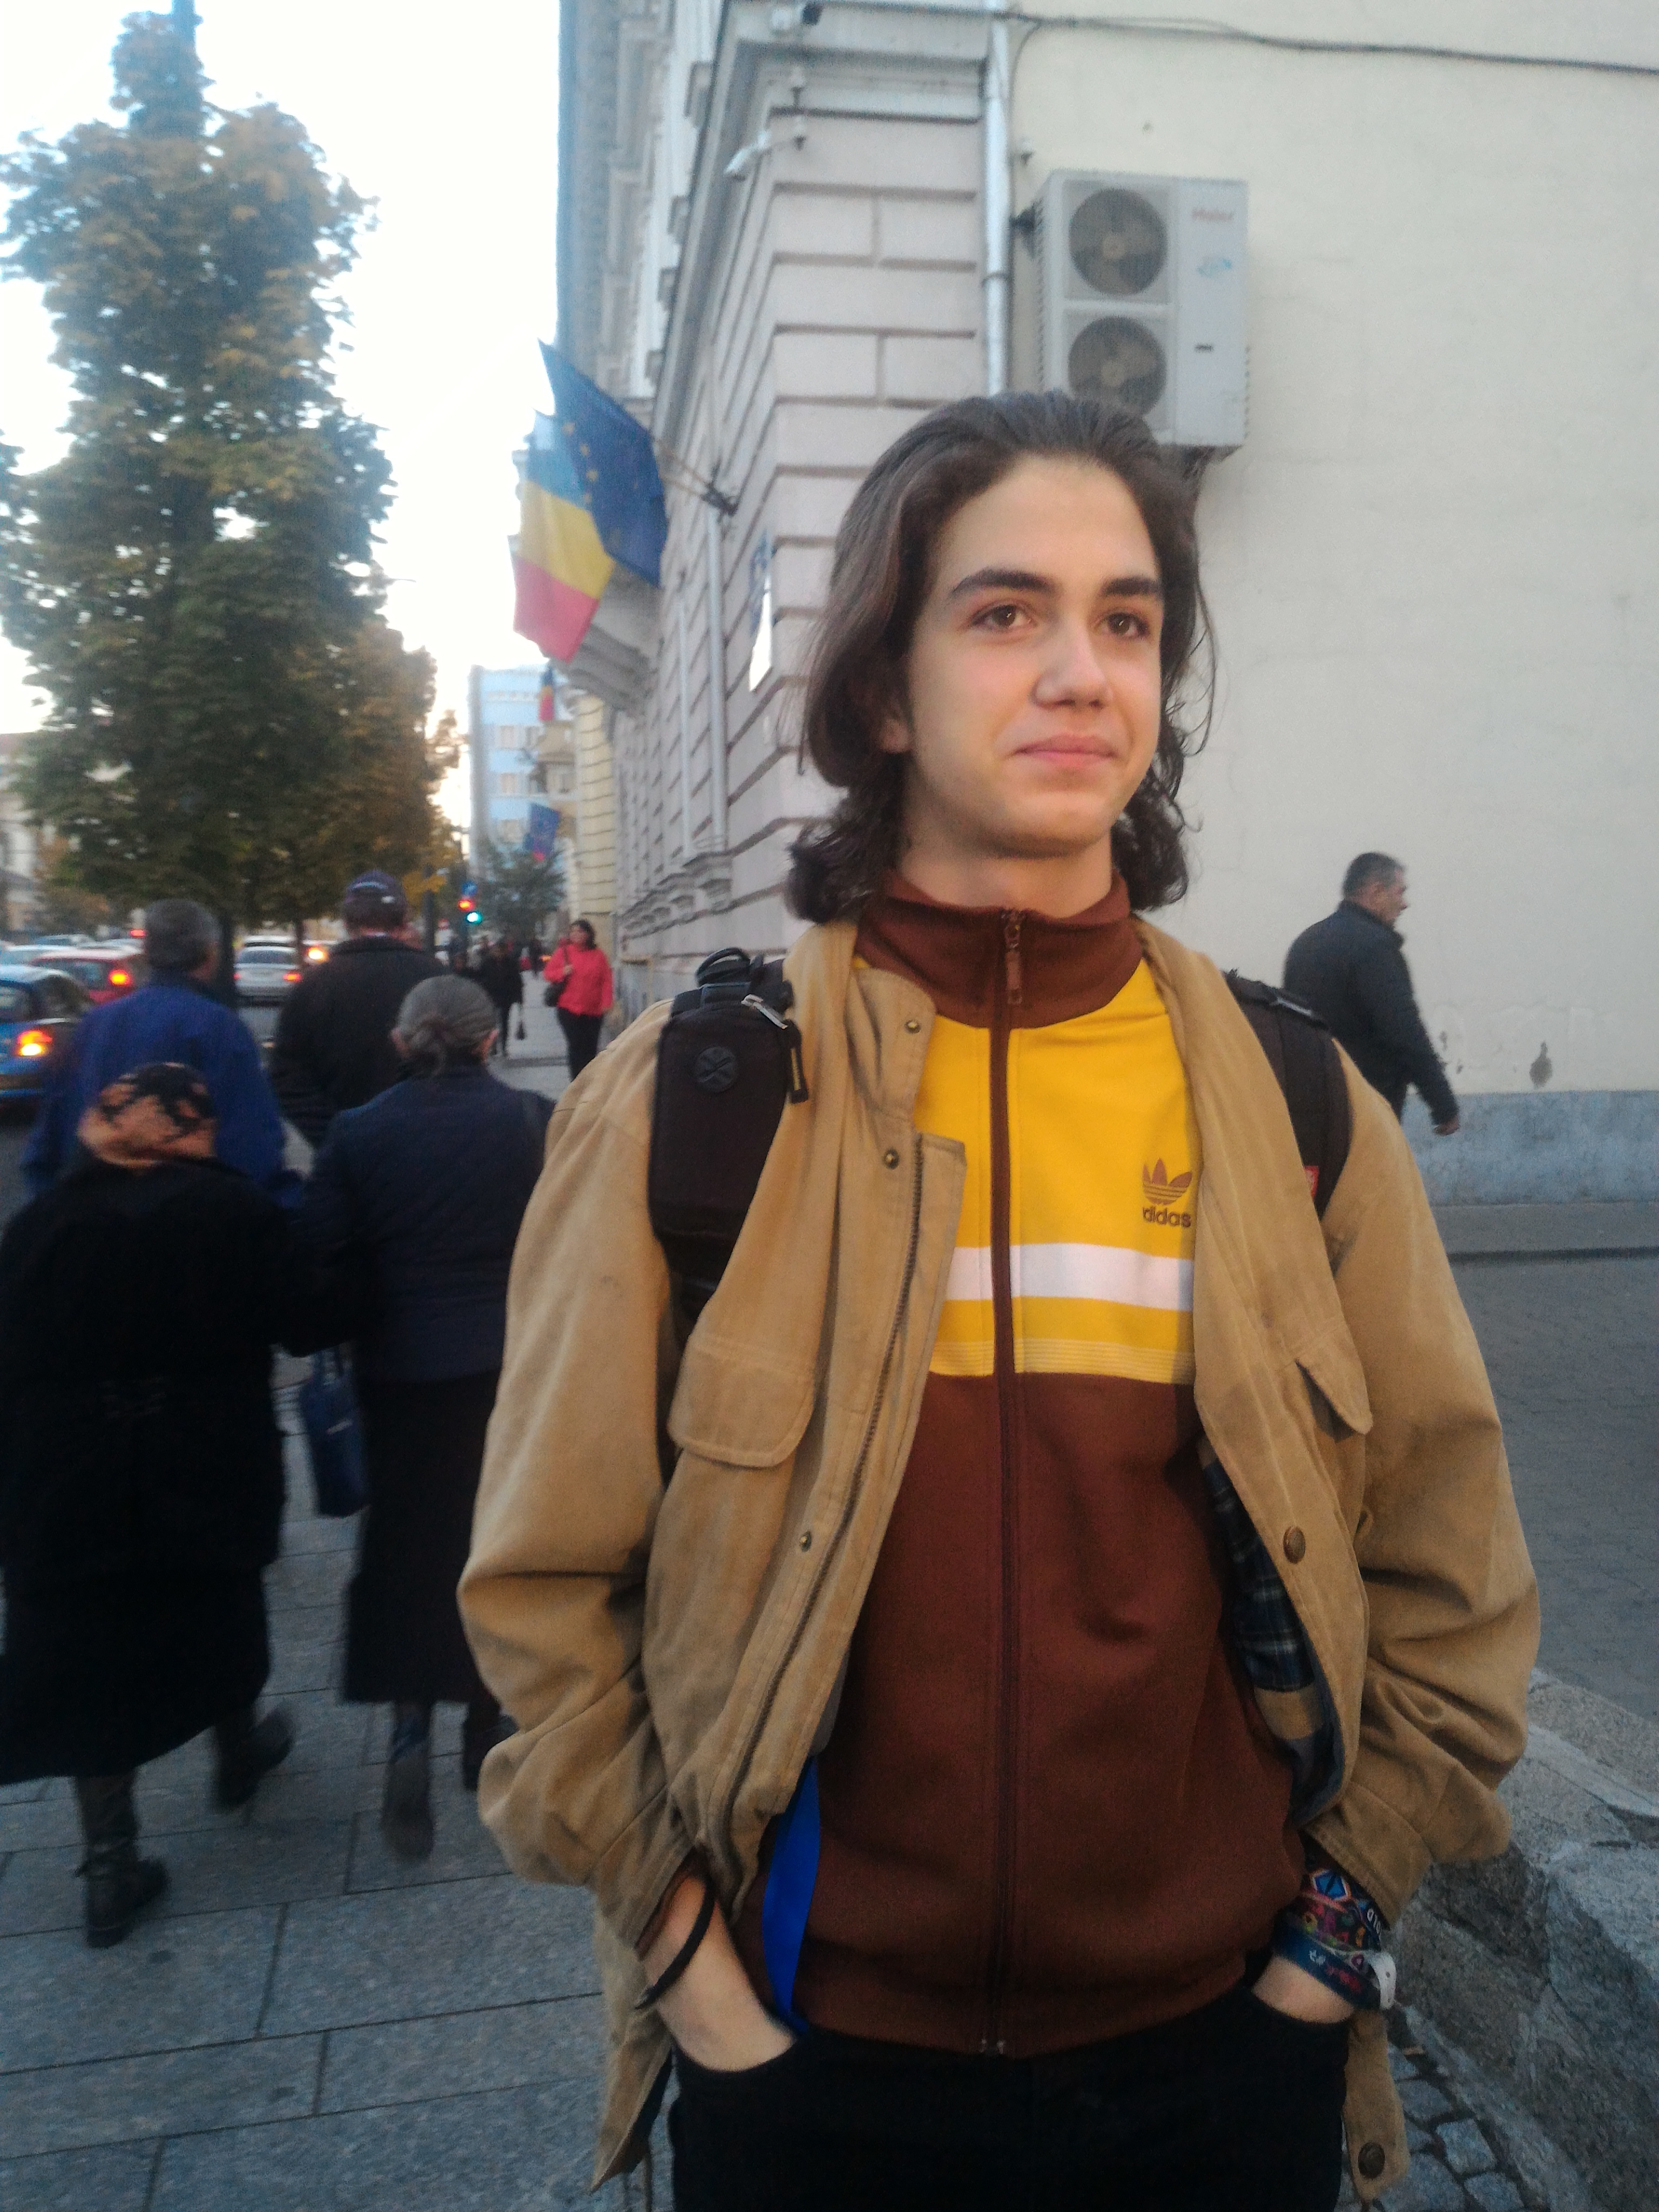 Tudor Helgiu, elevul devenit cunoscut după ce a fost trimis acasă din cauza părului lung, a mers azi la şcoală netuns   FOTO